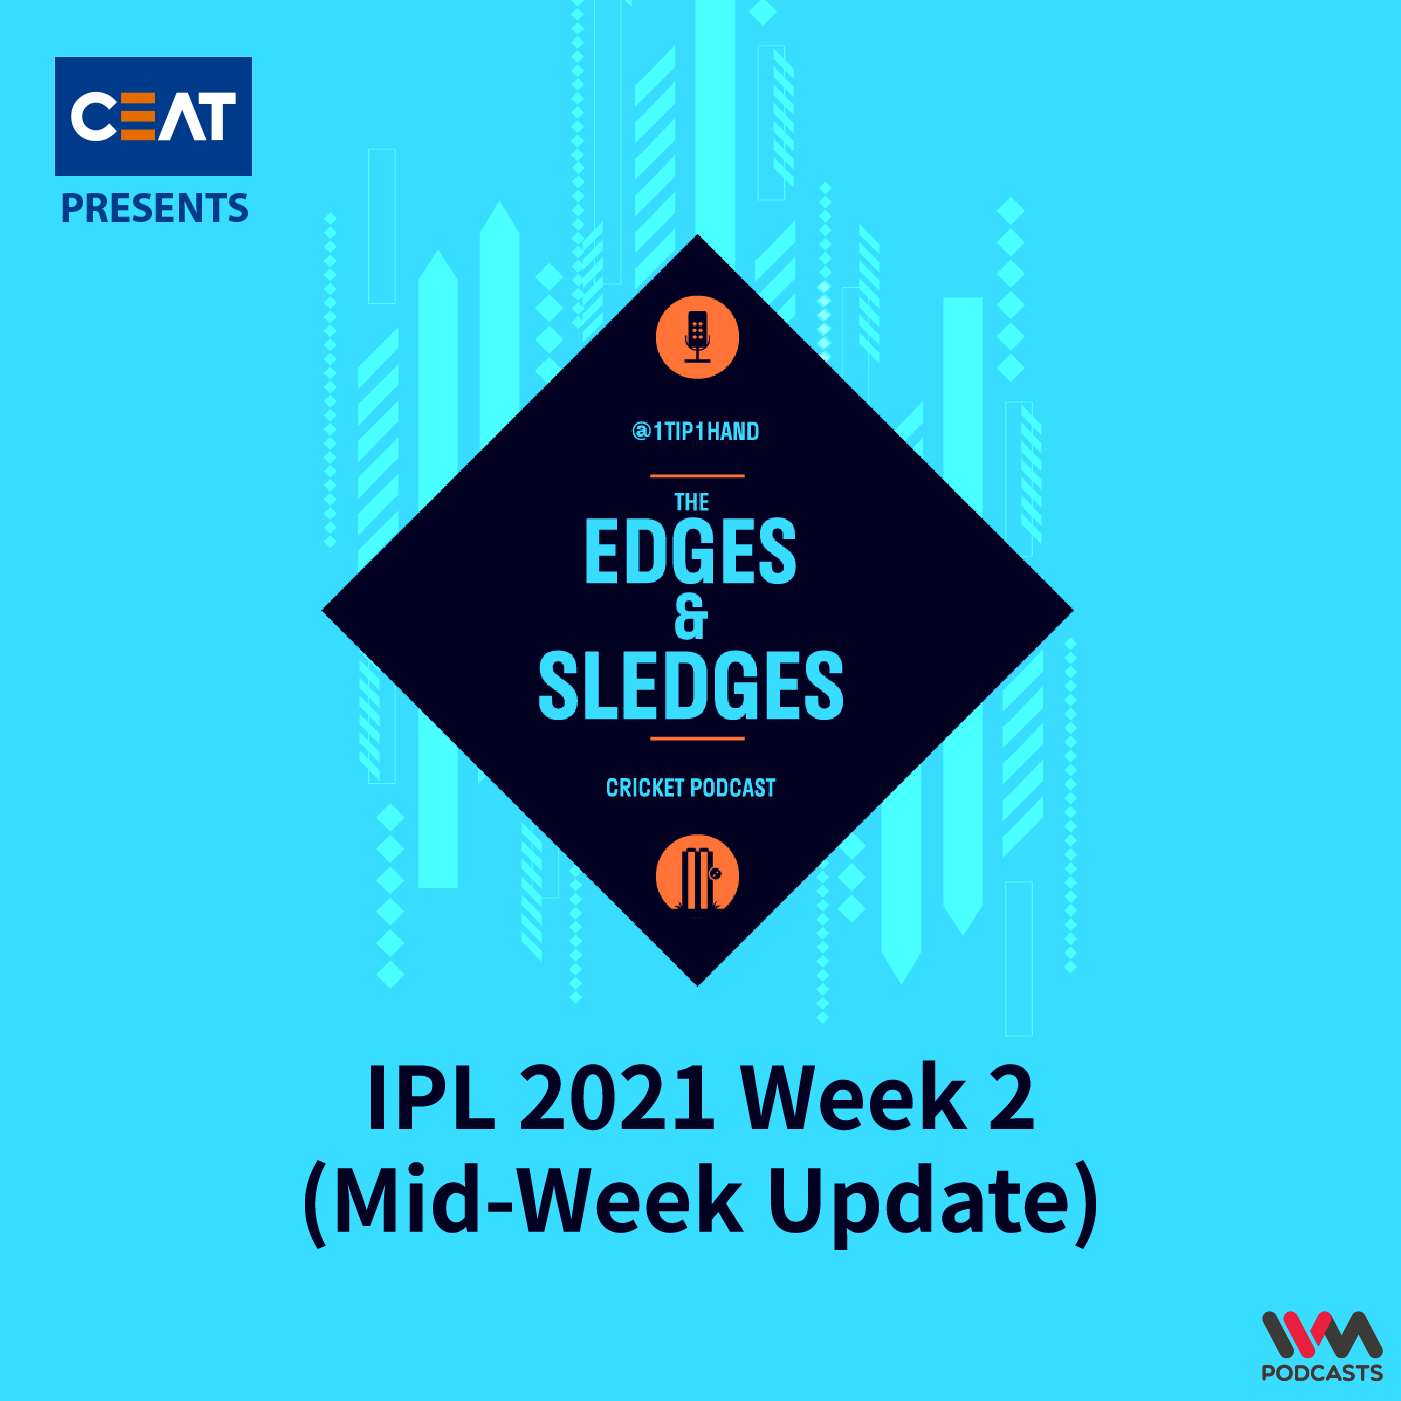 Ep. 169: IPL 2021 Week 2 (Mid-Week Update)